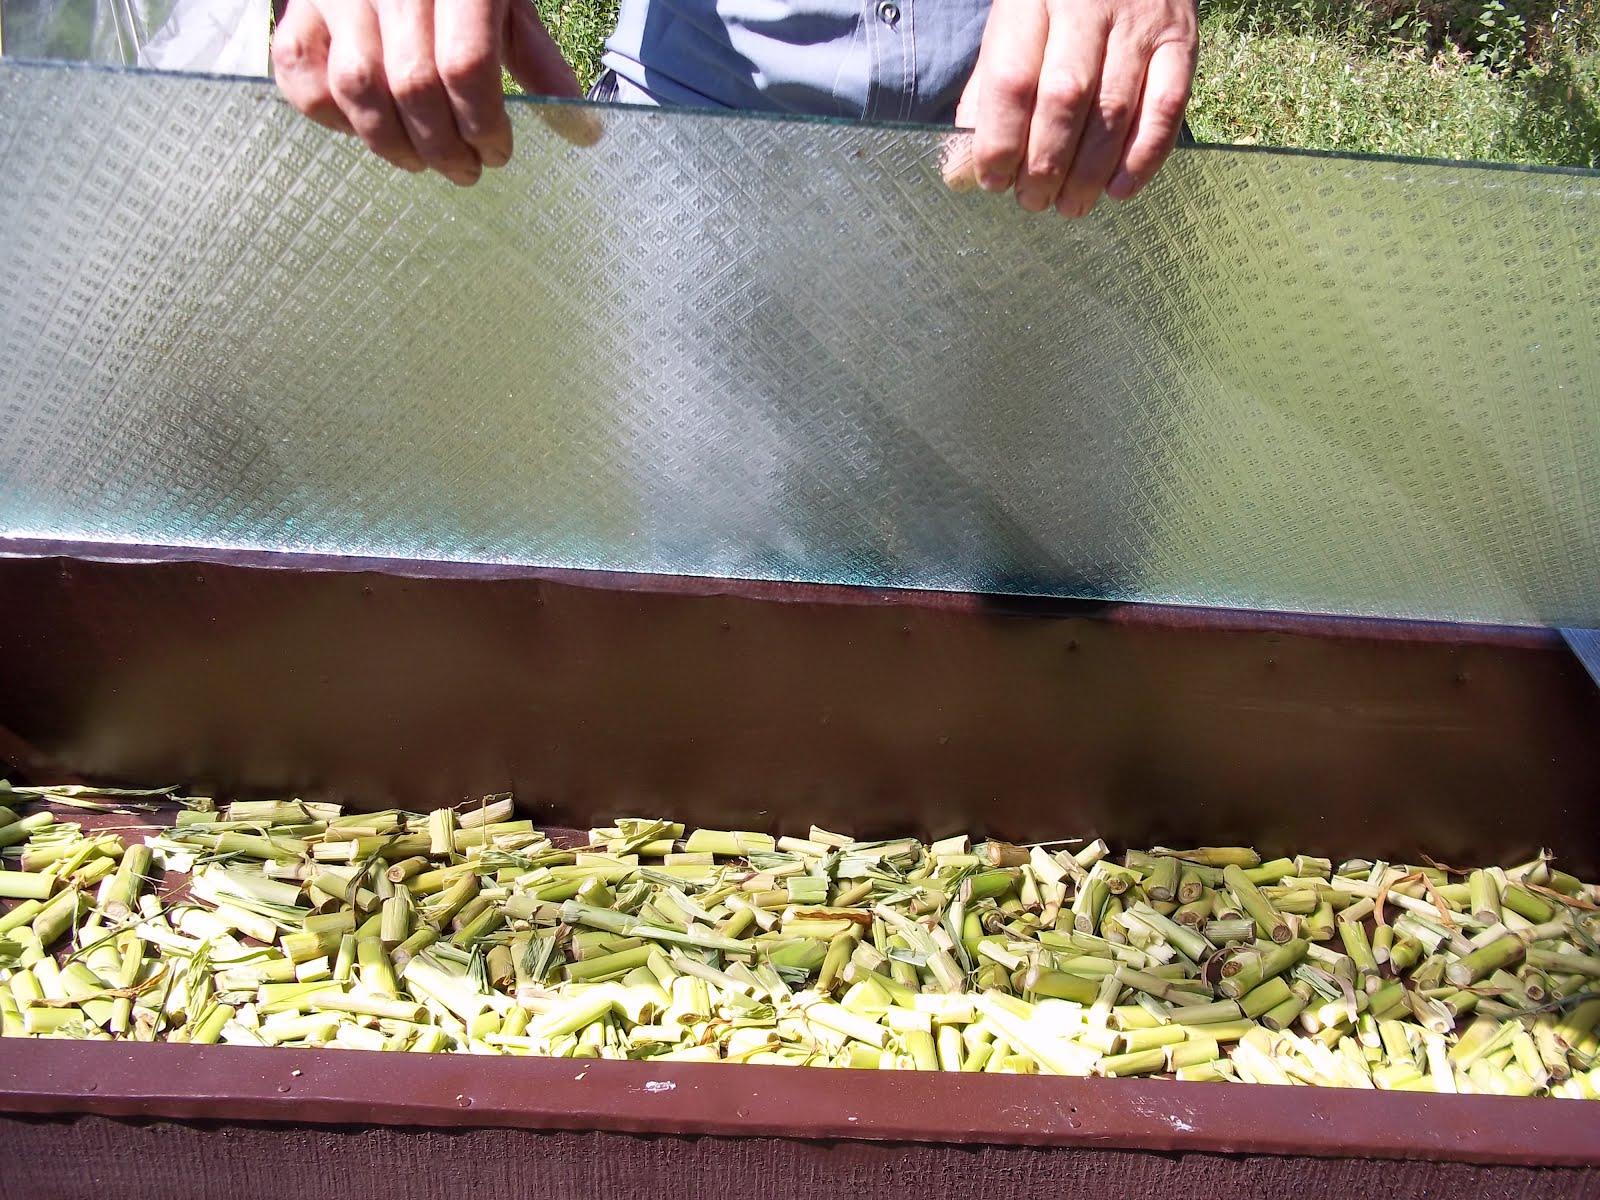 Сушилка для фруктов своими руками. Как сделать сушилку для 70